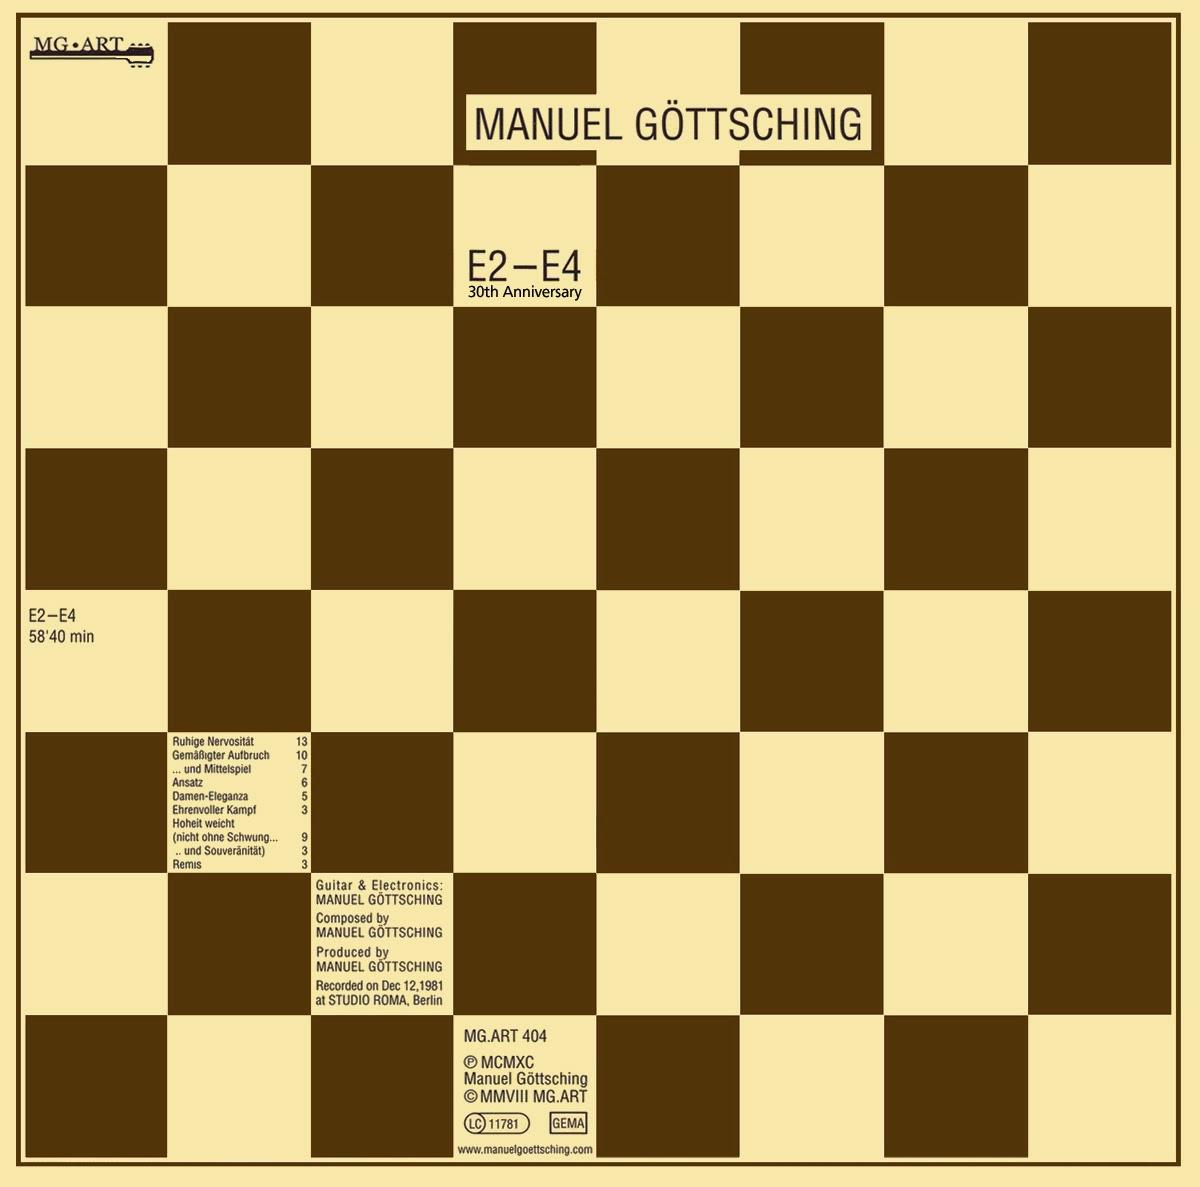 Manuel Göttsching – E2-E4 (1984) / source : MG.ART www.ashra.com